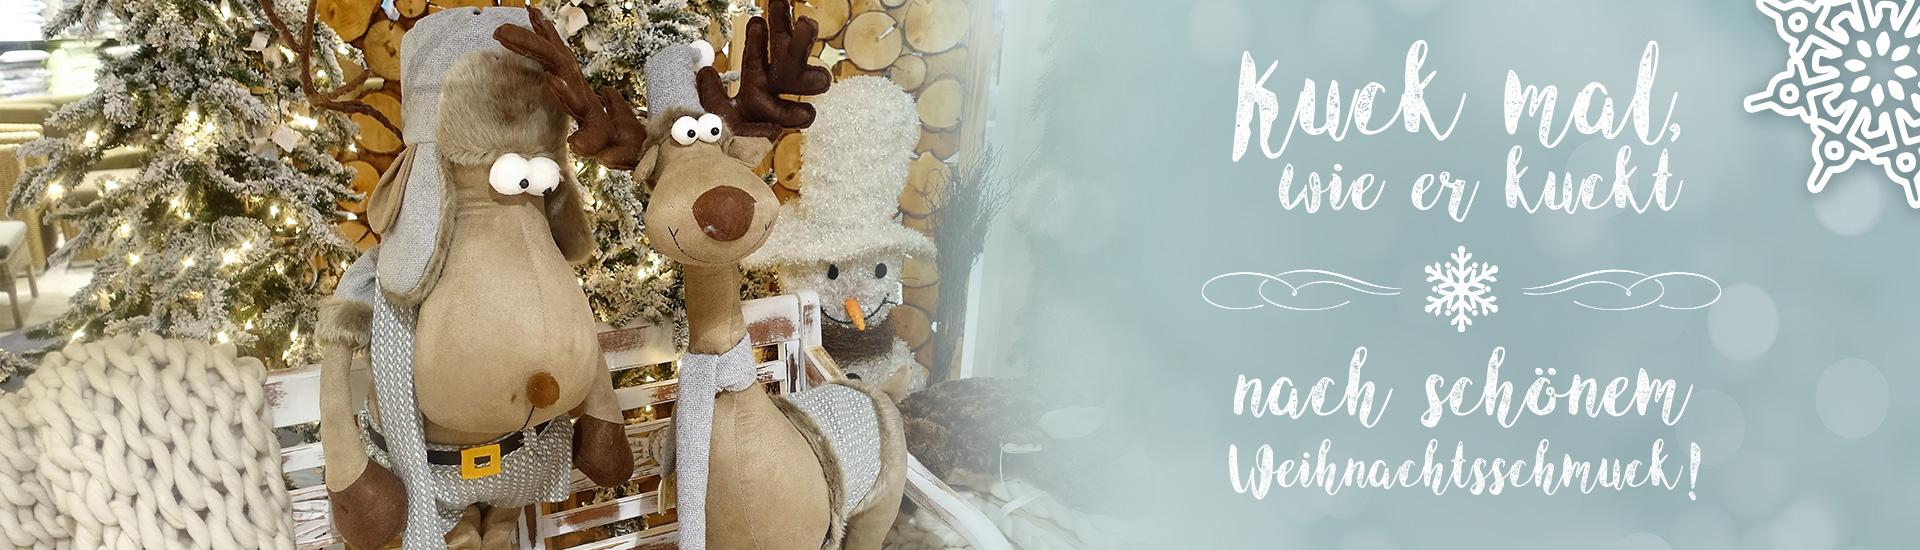 Weihnachtsmärkte bei Möbel Schulze in Rödental & Ilmenau